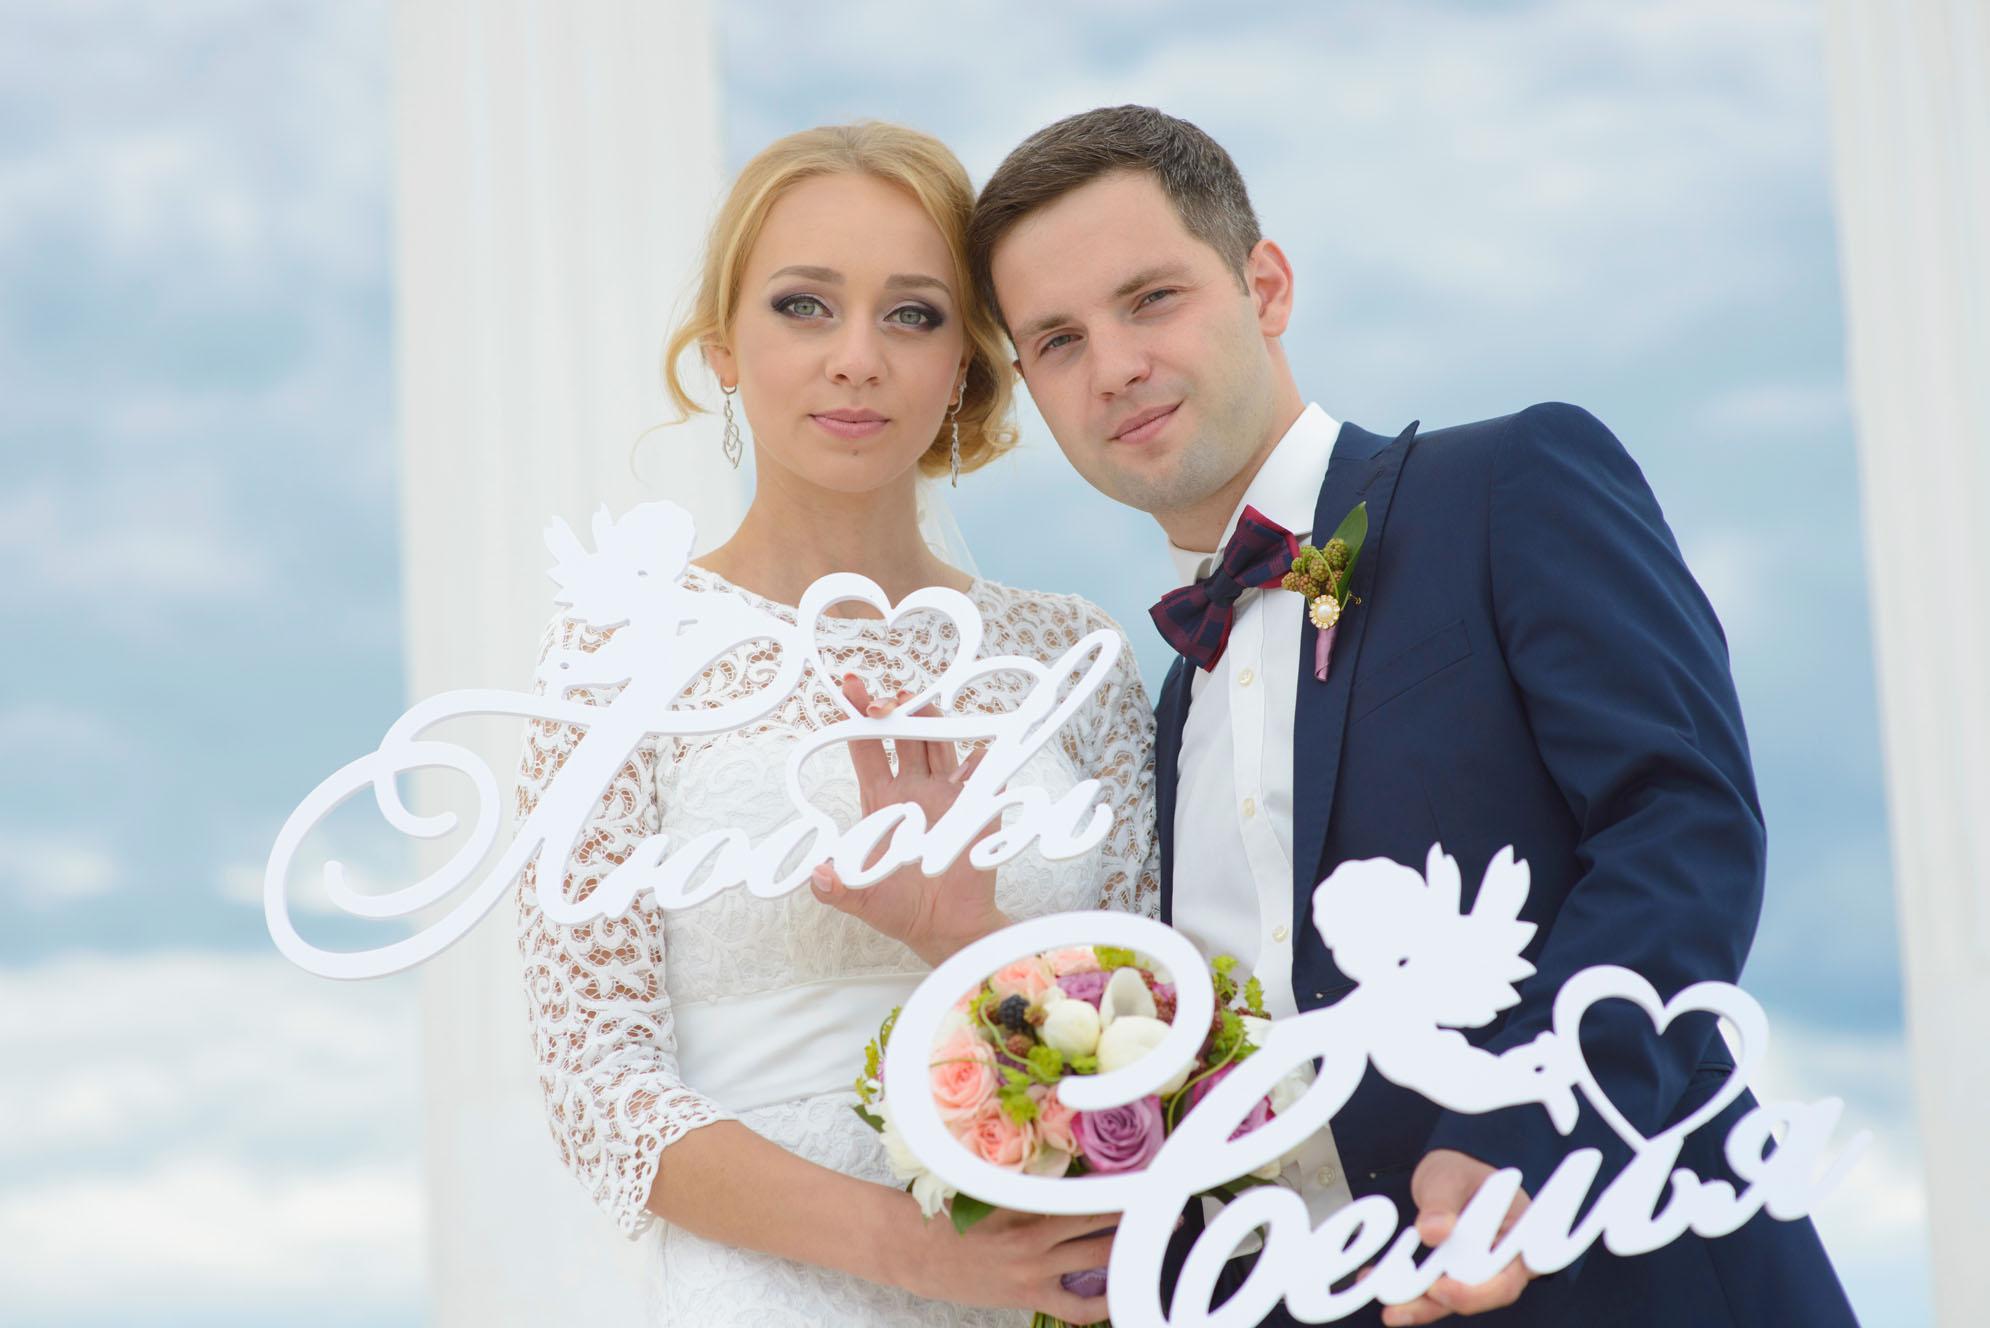 фотограф на свадьбу, фотосъемка свадьбы, свадебная фотосессия